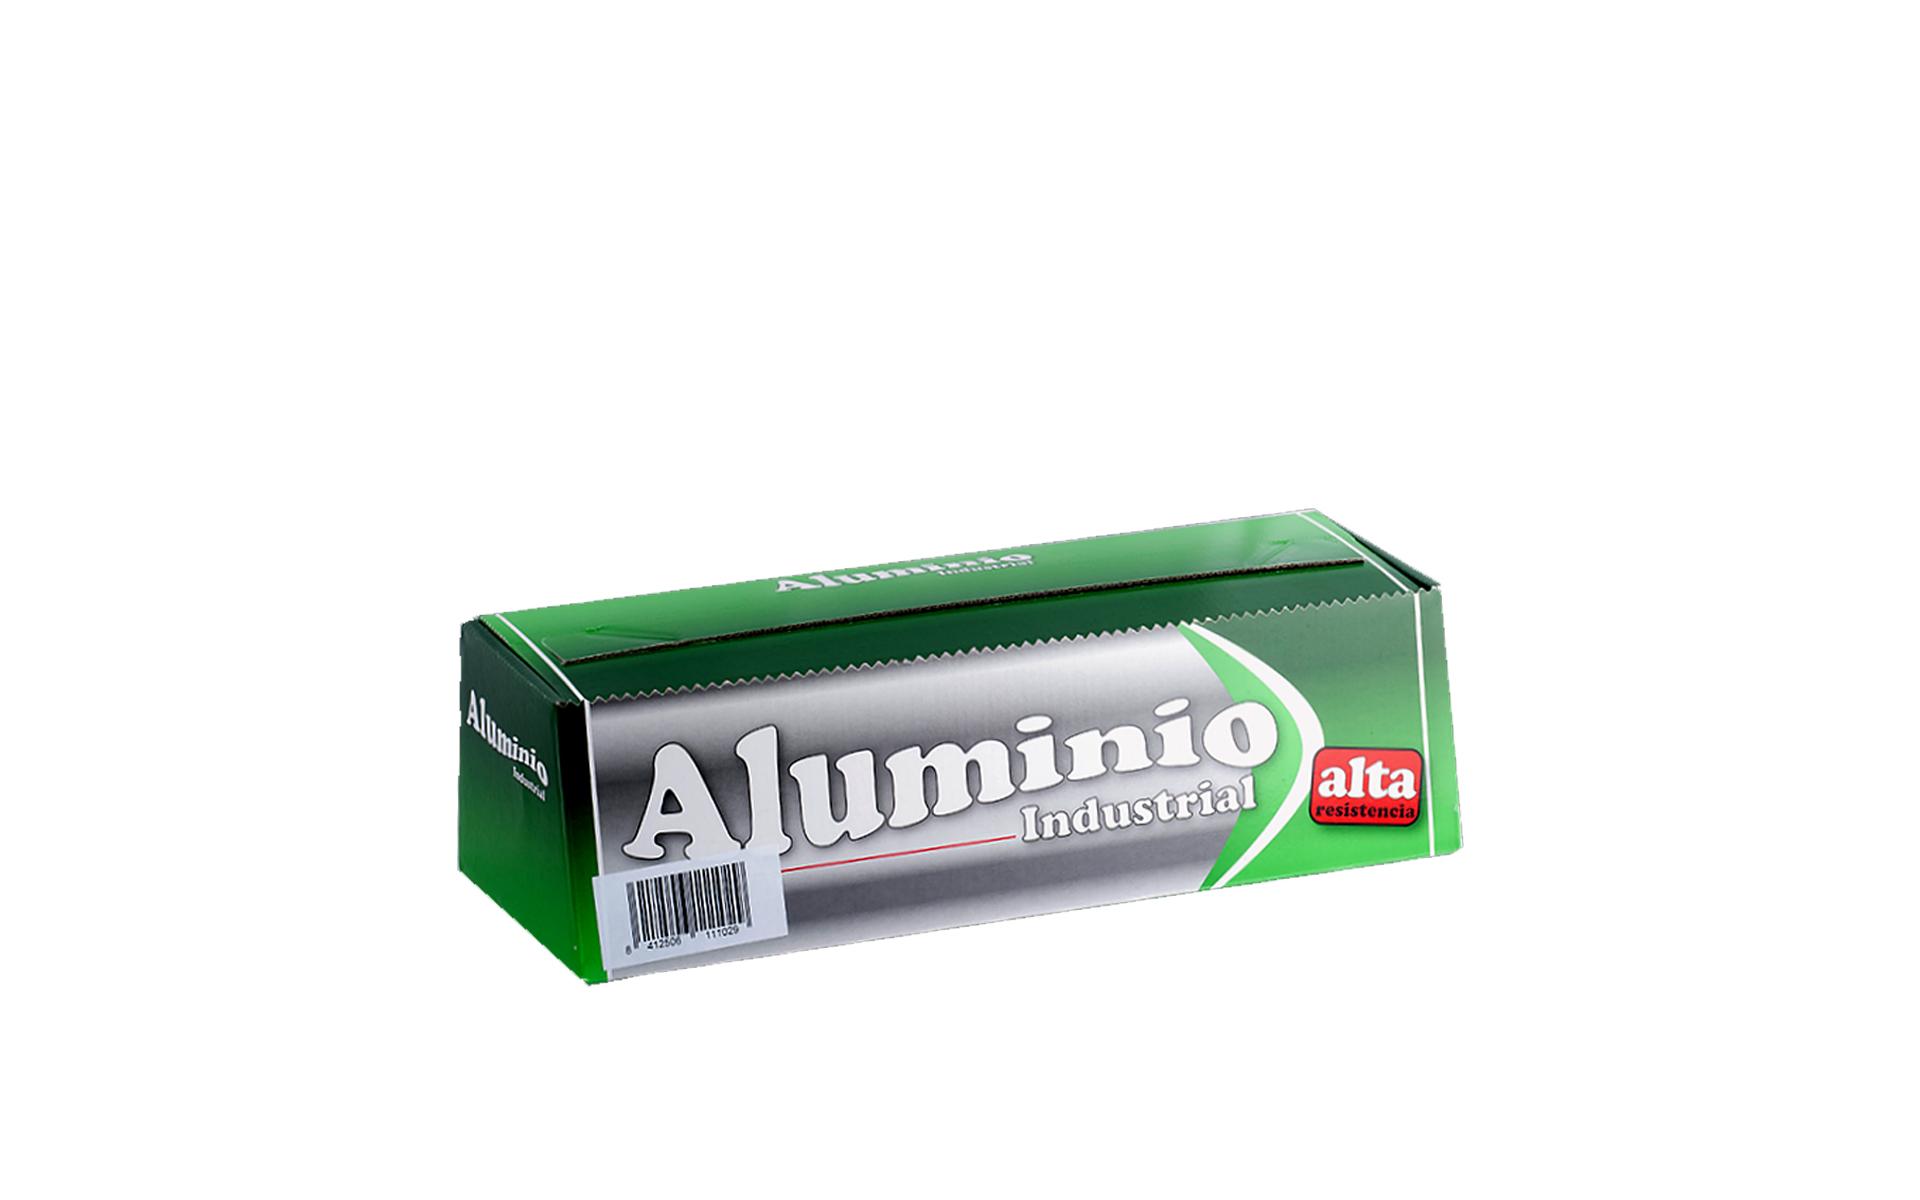 Aluminio industrial 290 mm.